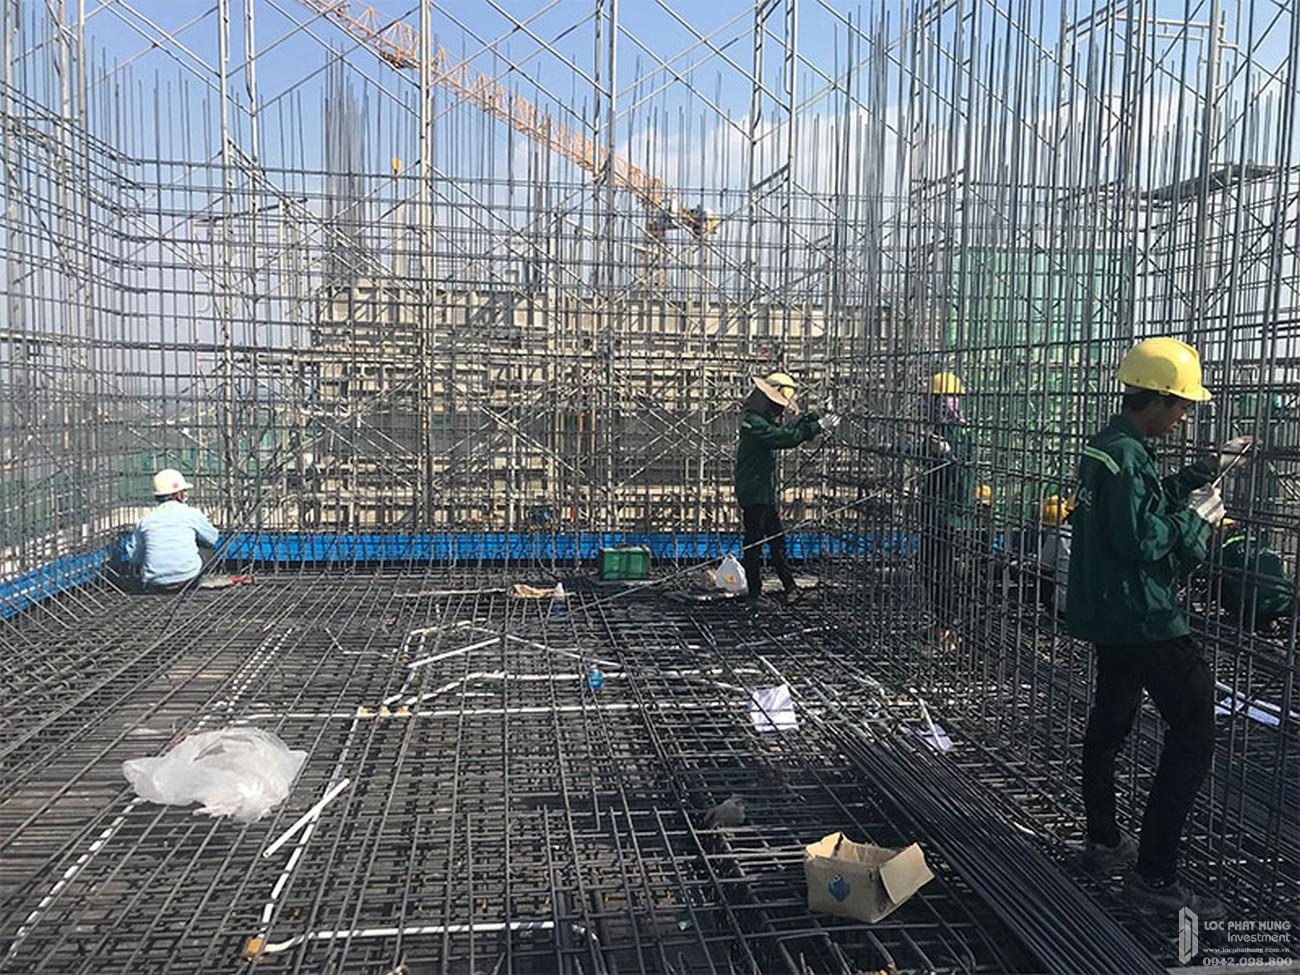 Lắp đặt thép vách bể nước mái dự án căn hộ chung cư River Panorama Quận 7 tháng 02/2020